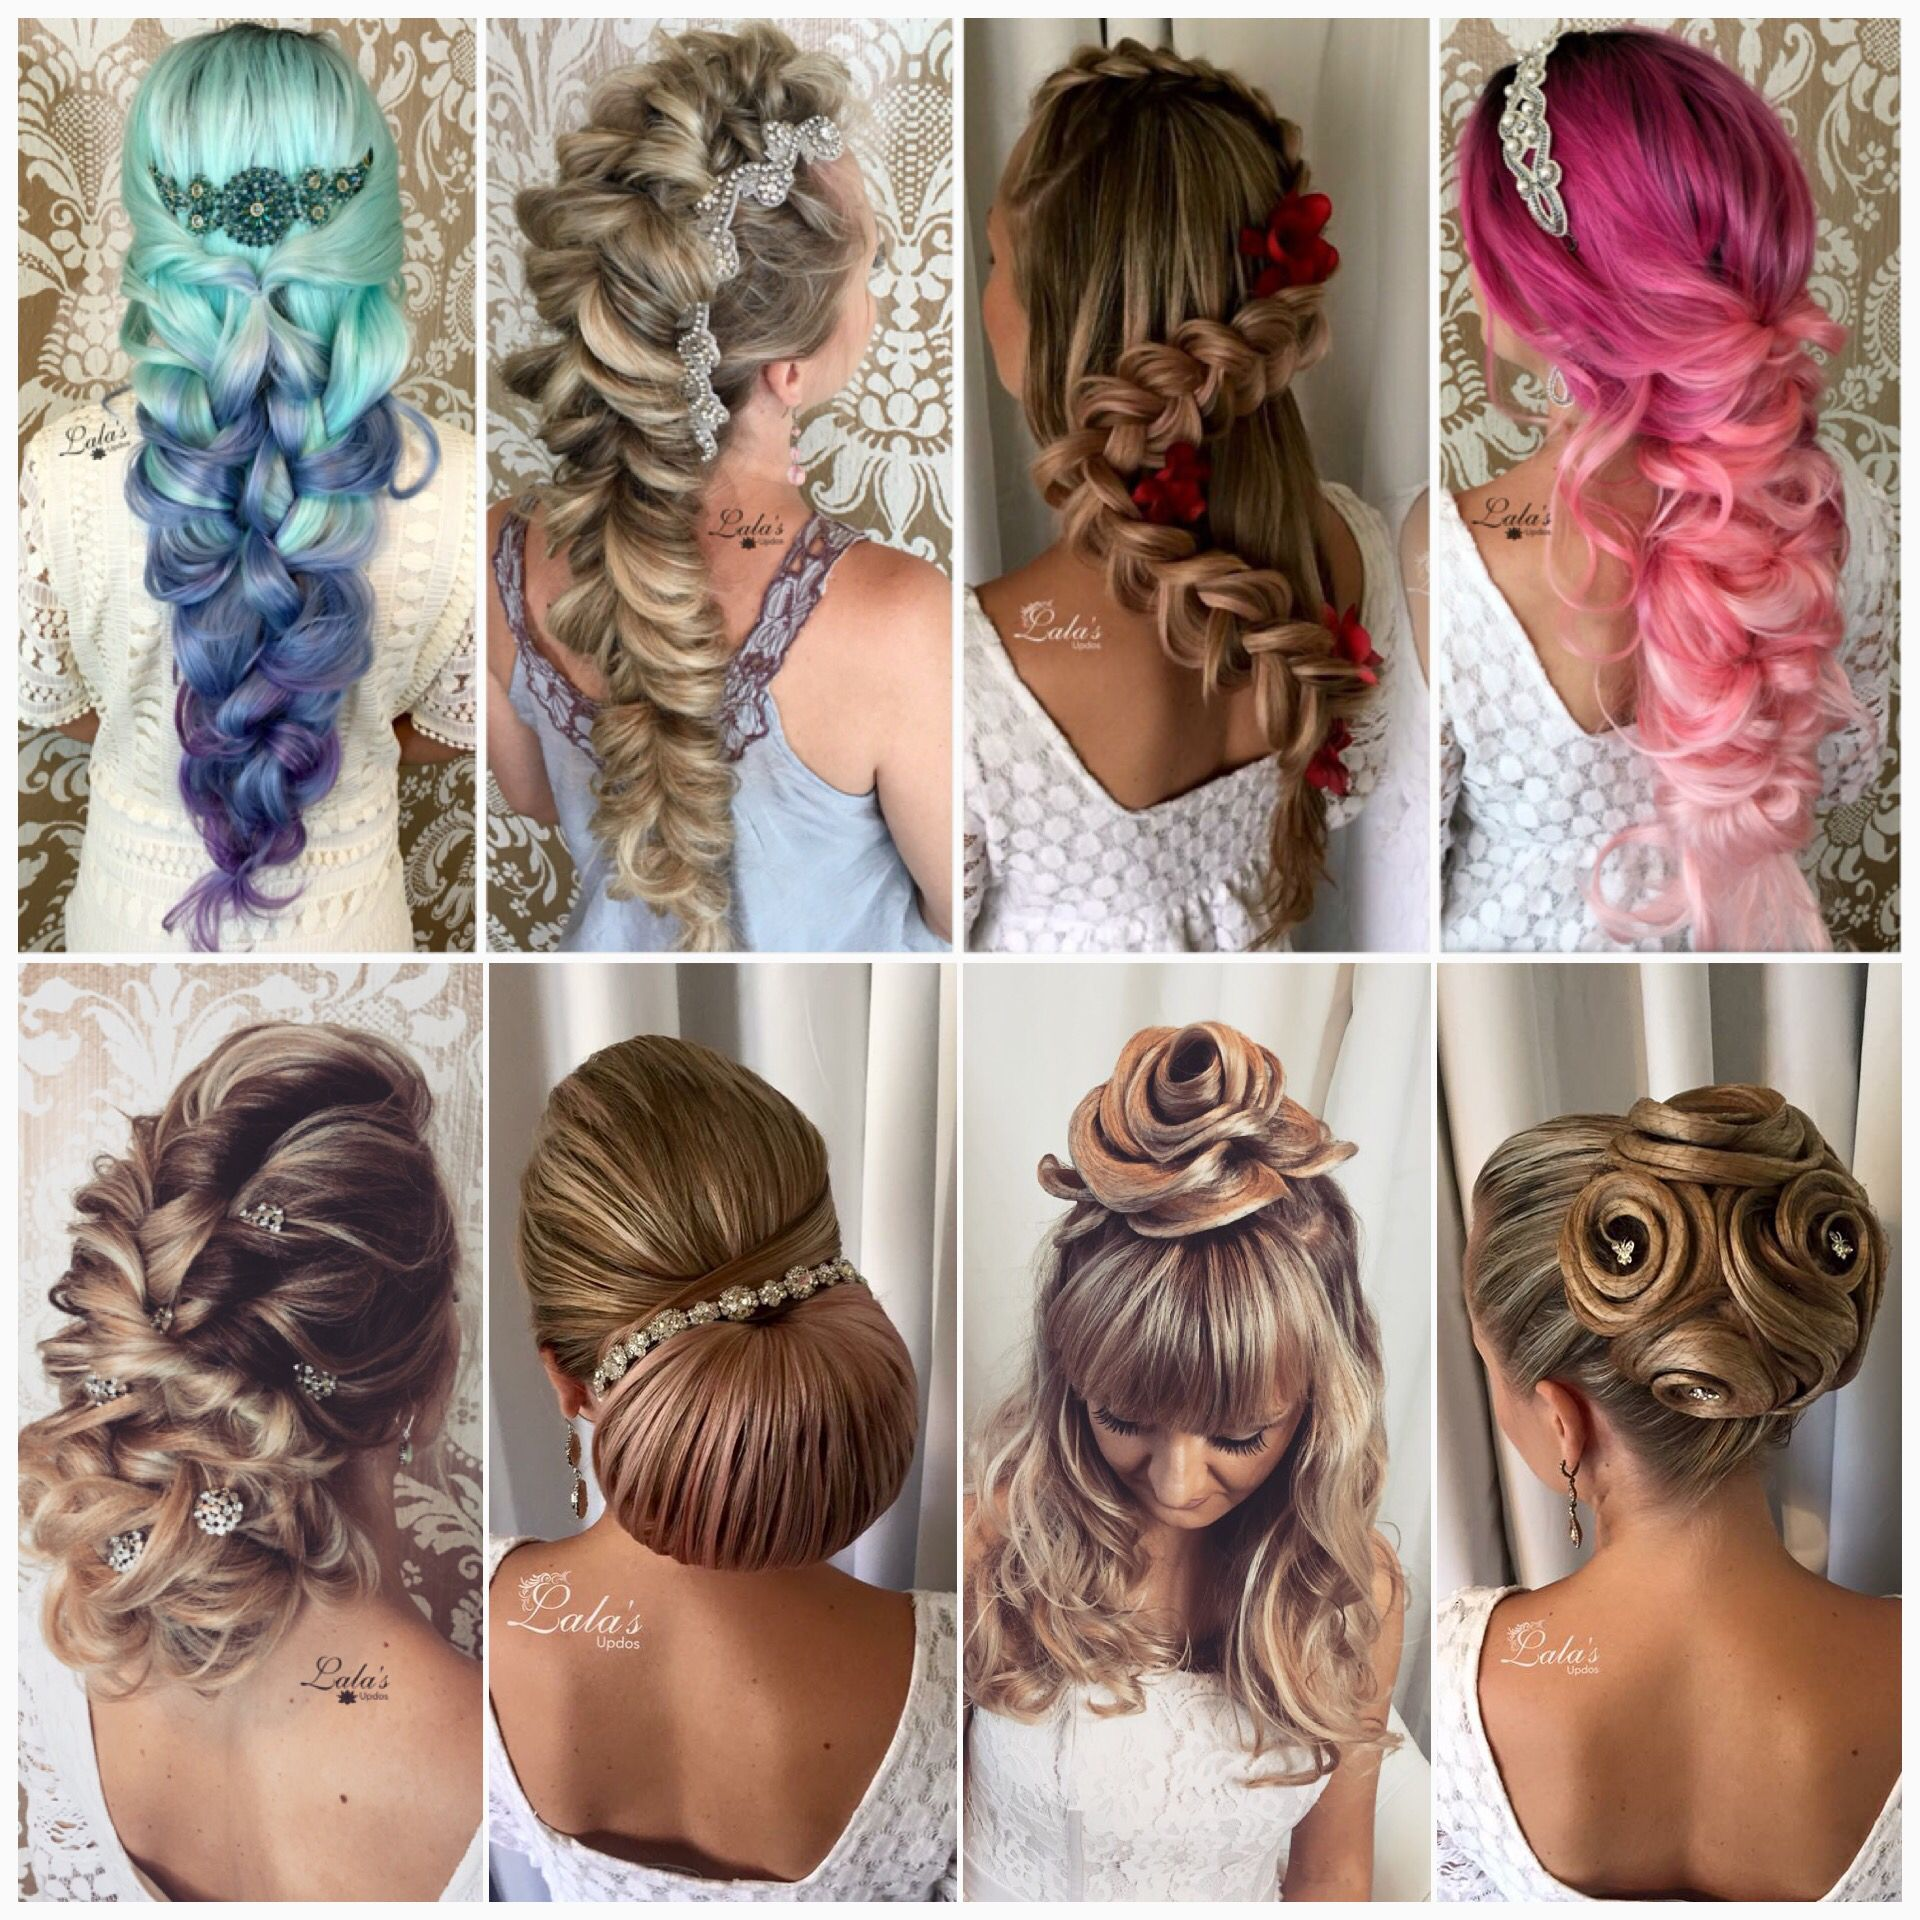 braids / big braids / updos / upstyles / wedding hair